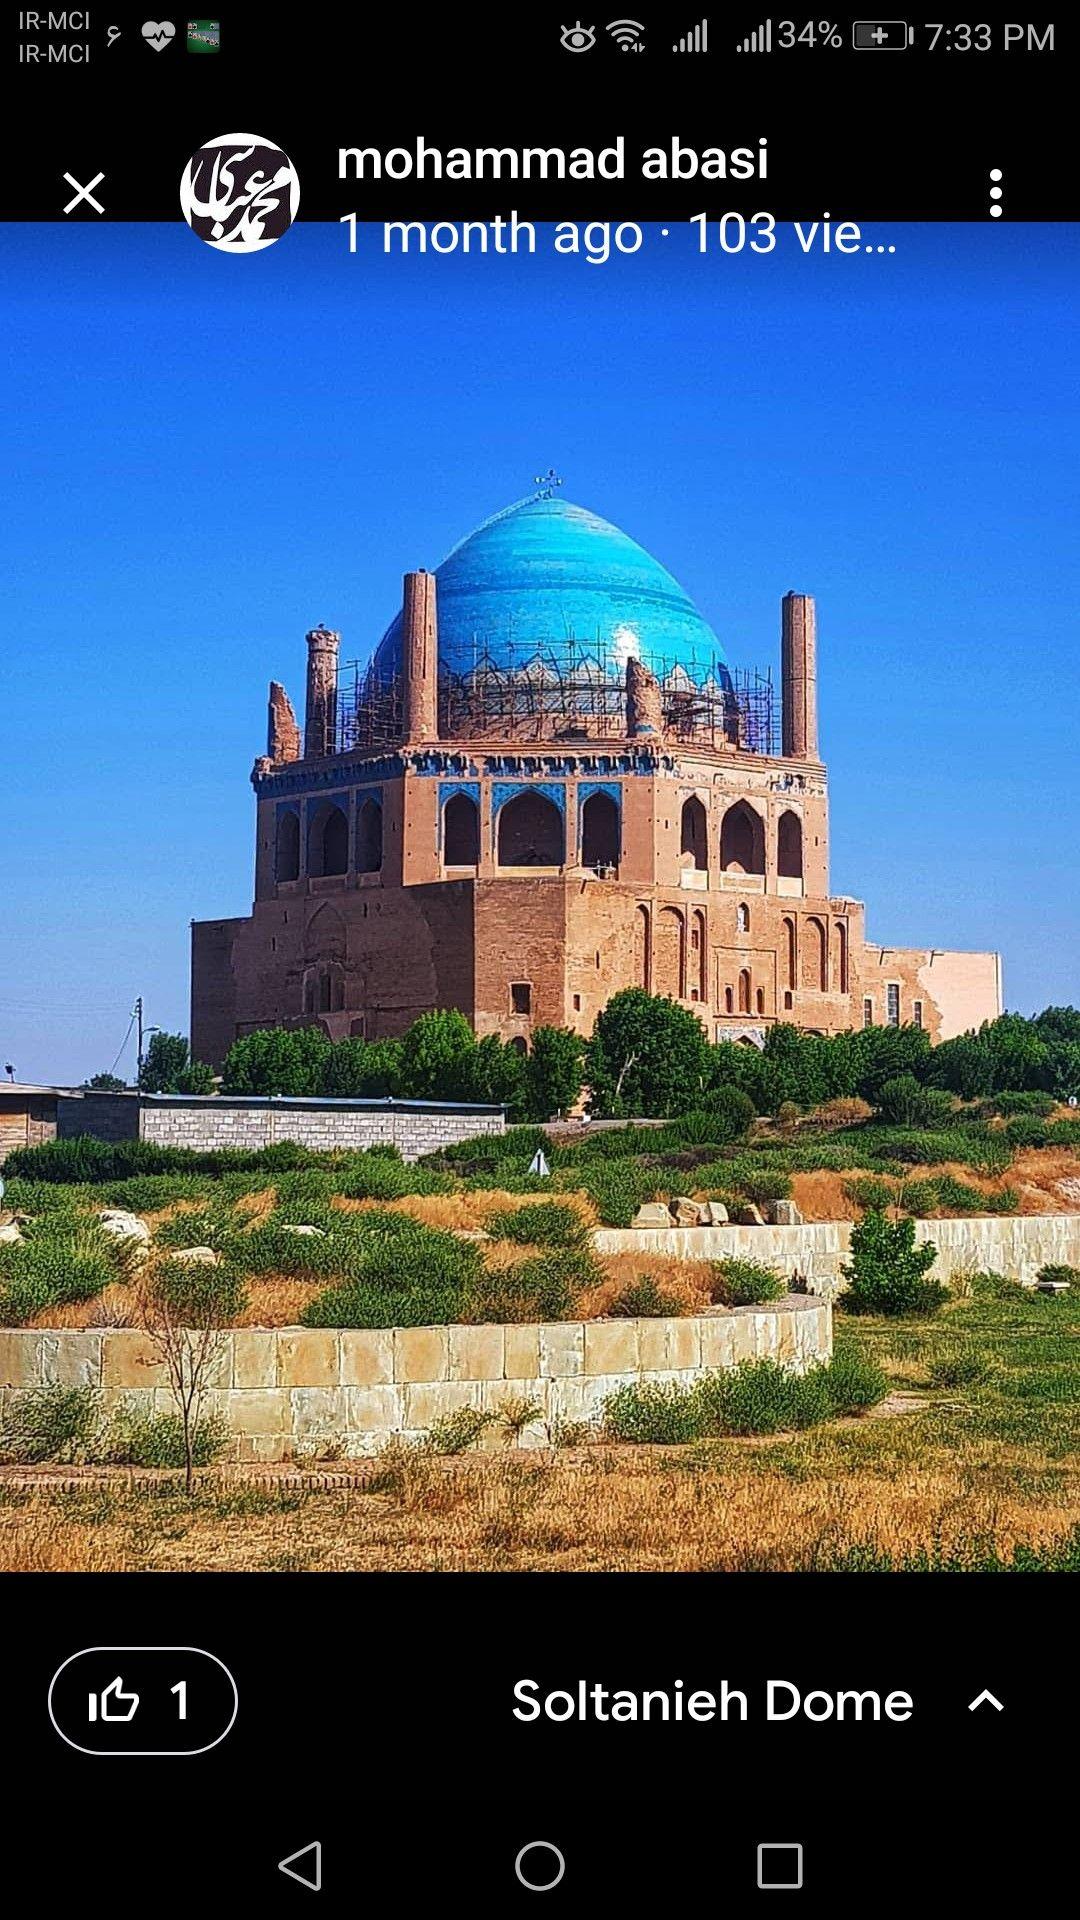 گنبد سلطانیه آستان زنجان ایران